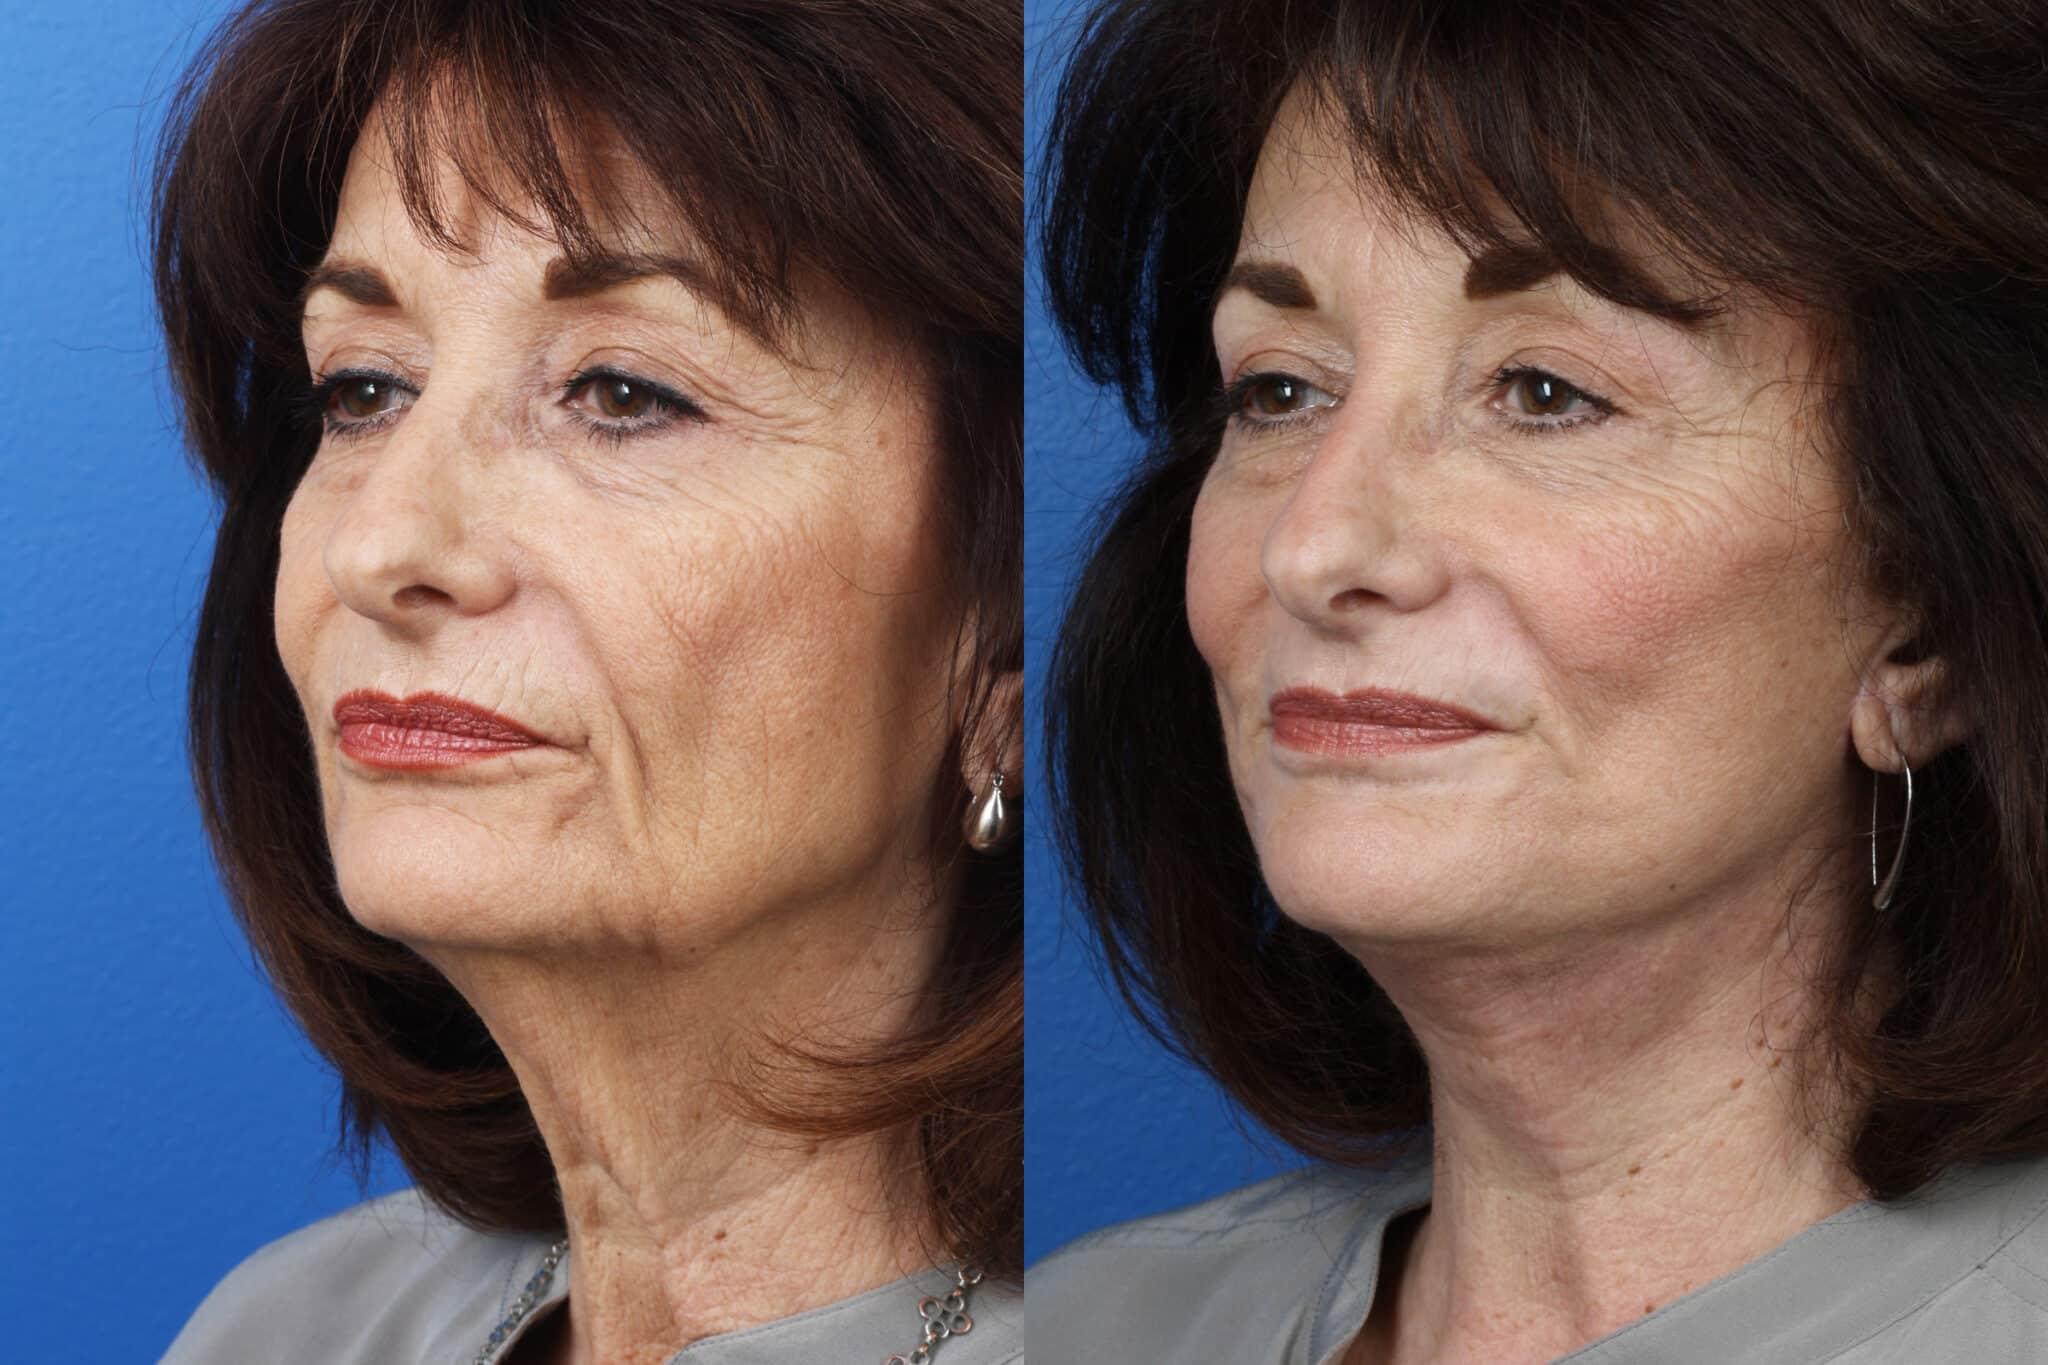 Facelift, Necklift and Dermabrasion to Rejuvenate the Skin by Dr. Miller